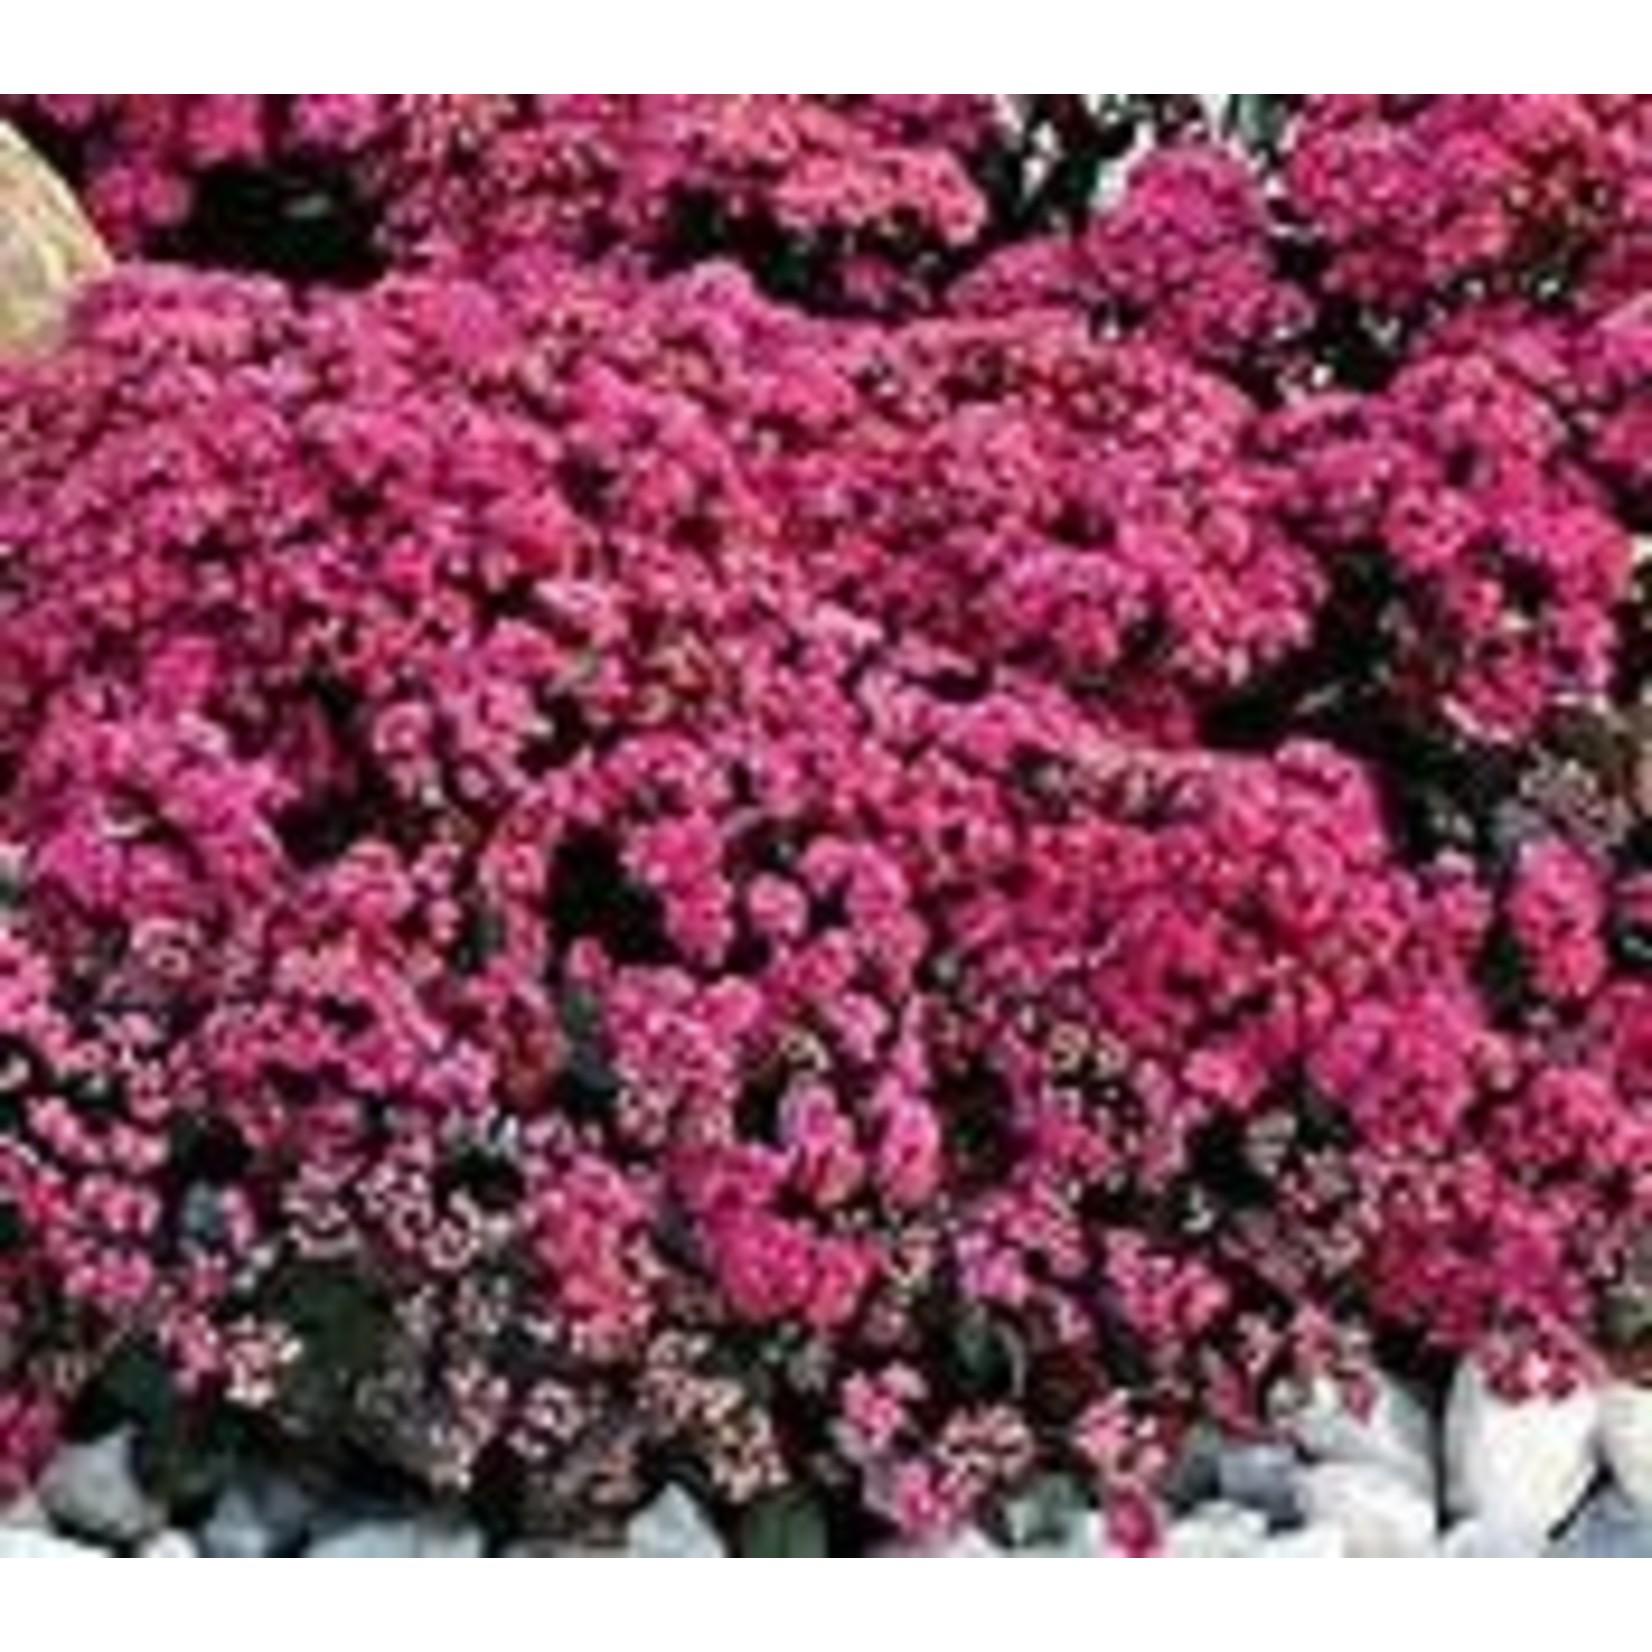 Stonecrop - Sedum Sunsparkle Dazzleberry - 1 gal